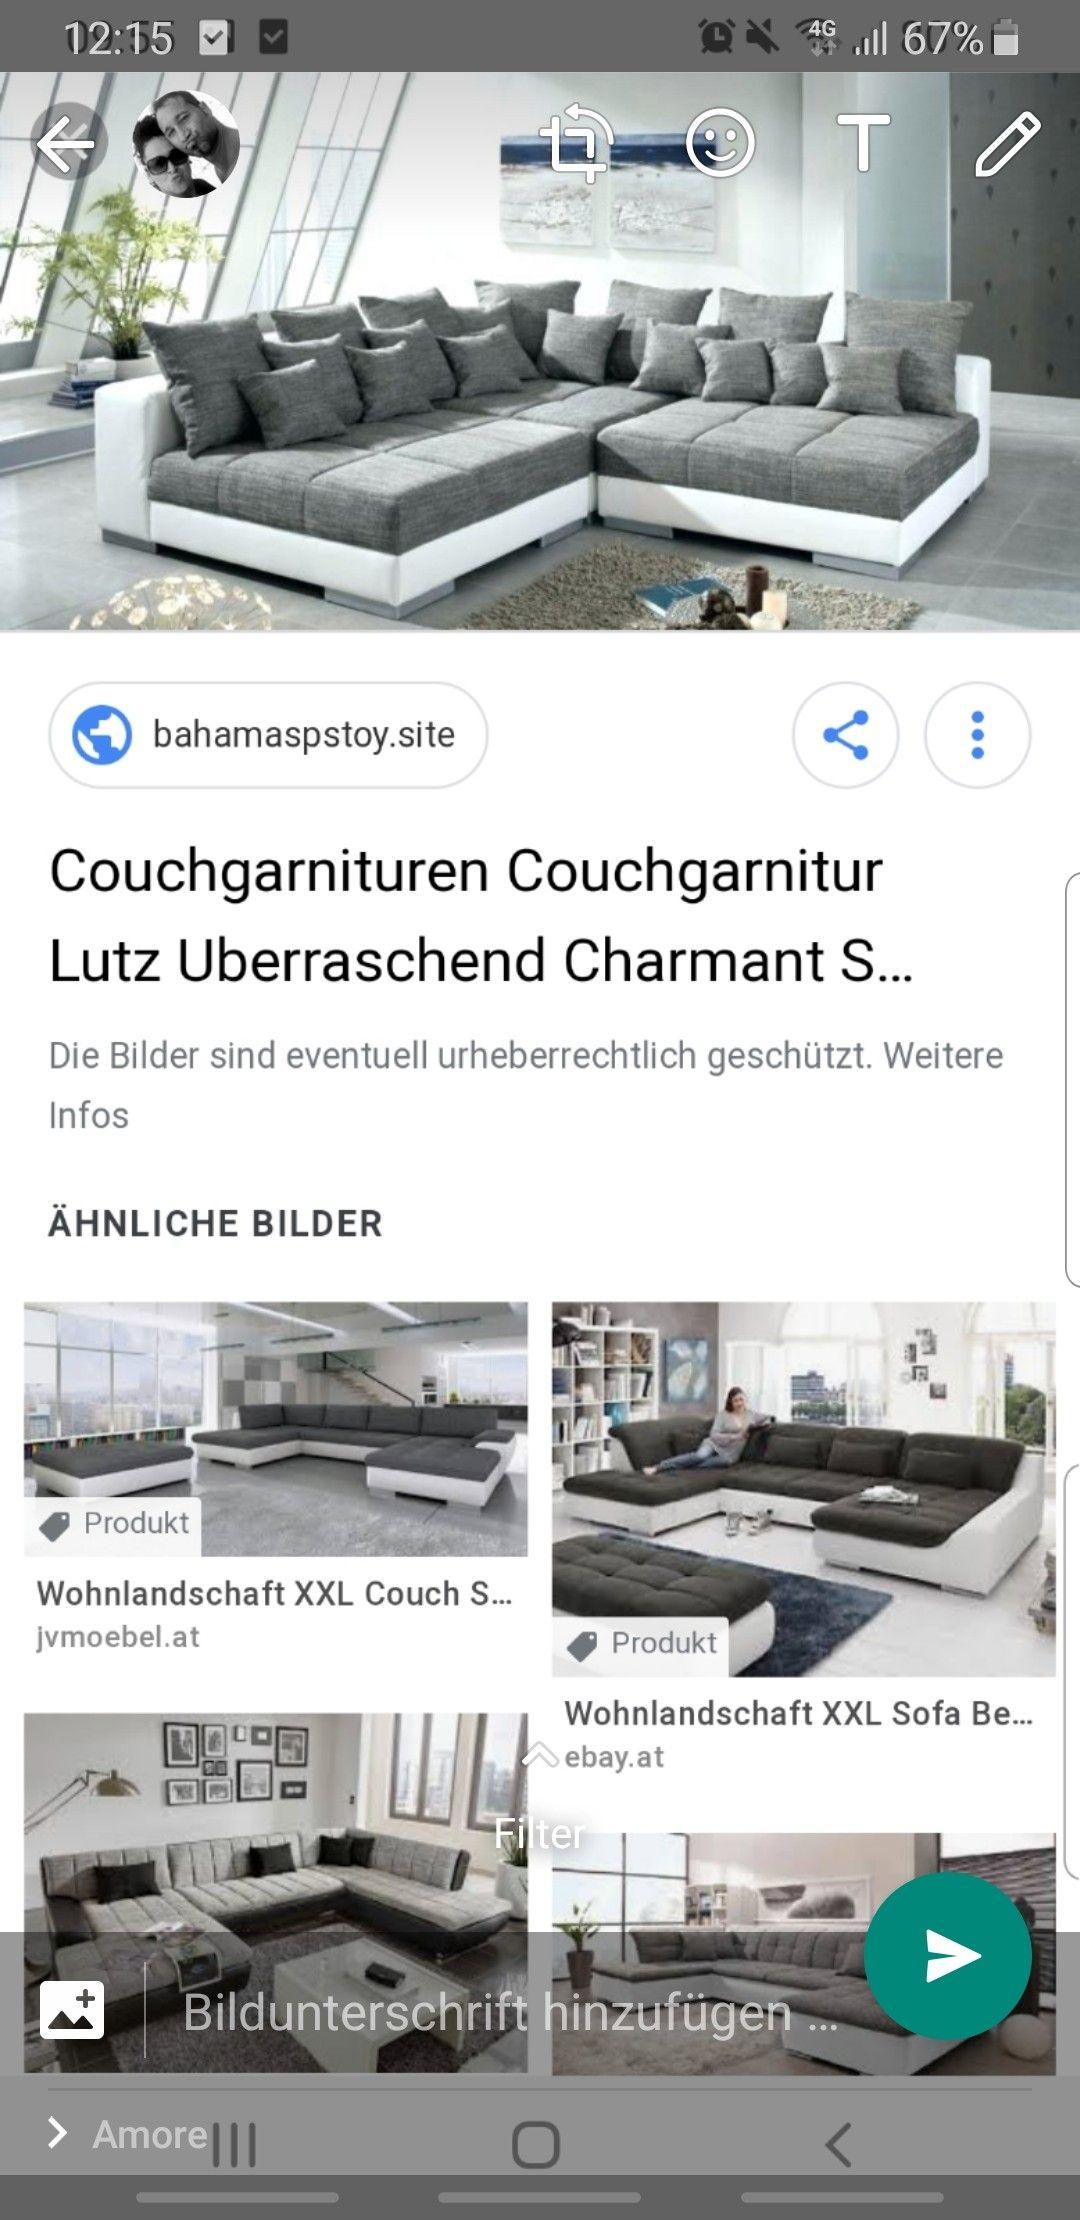 Pin Von Eleonora Moncicci Auf Wohnung Ideen Xxl Couch Xxl Sofa Wohnen